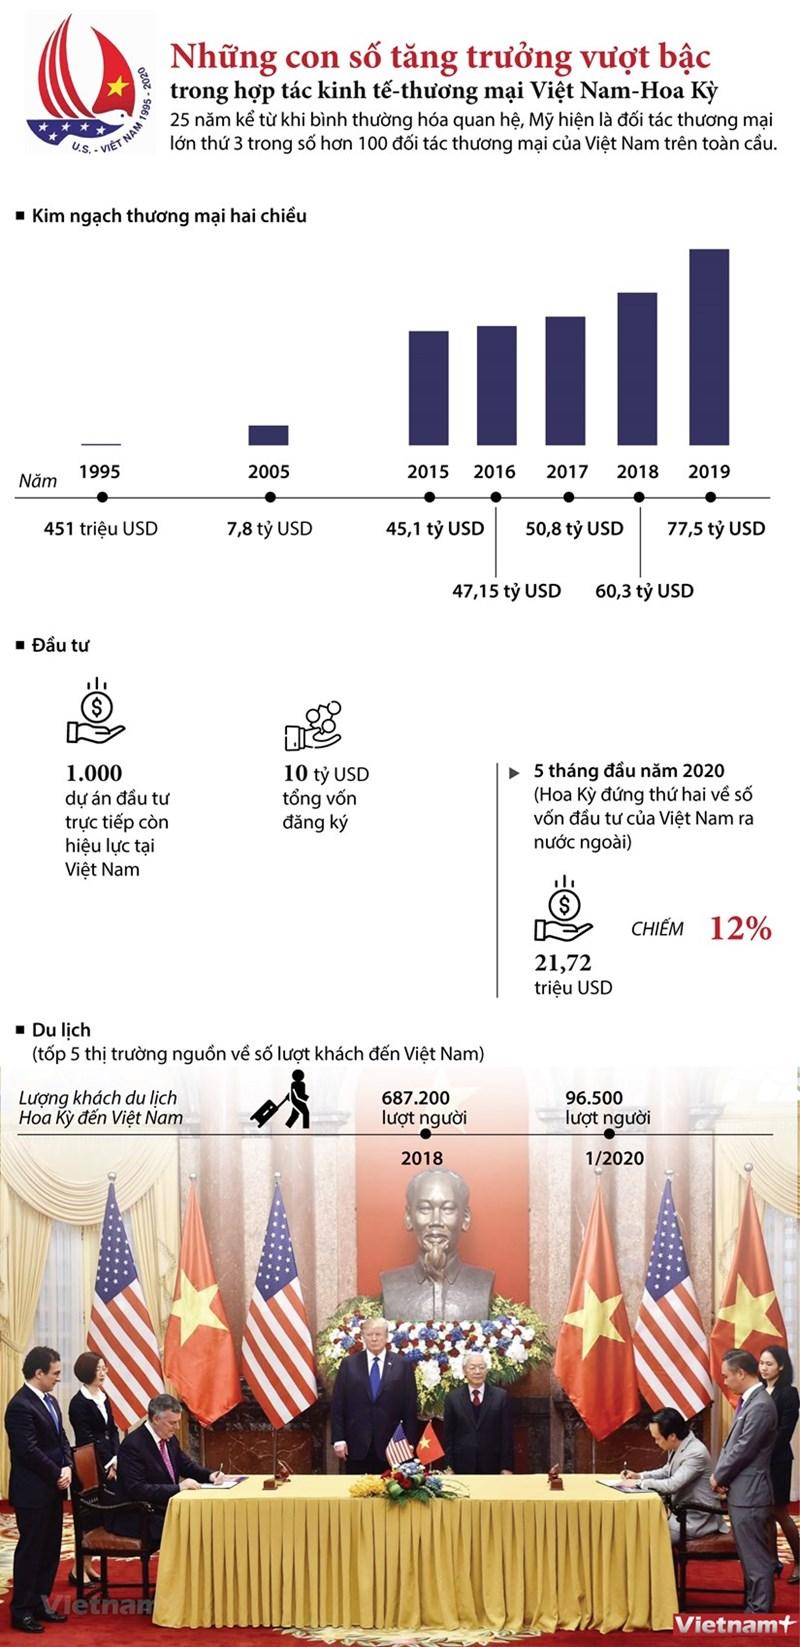 [Infographics] Những con số ấn tượng trong hợp tác thương mại Việt Nam-Hoa Kỳ - Ảnh 1